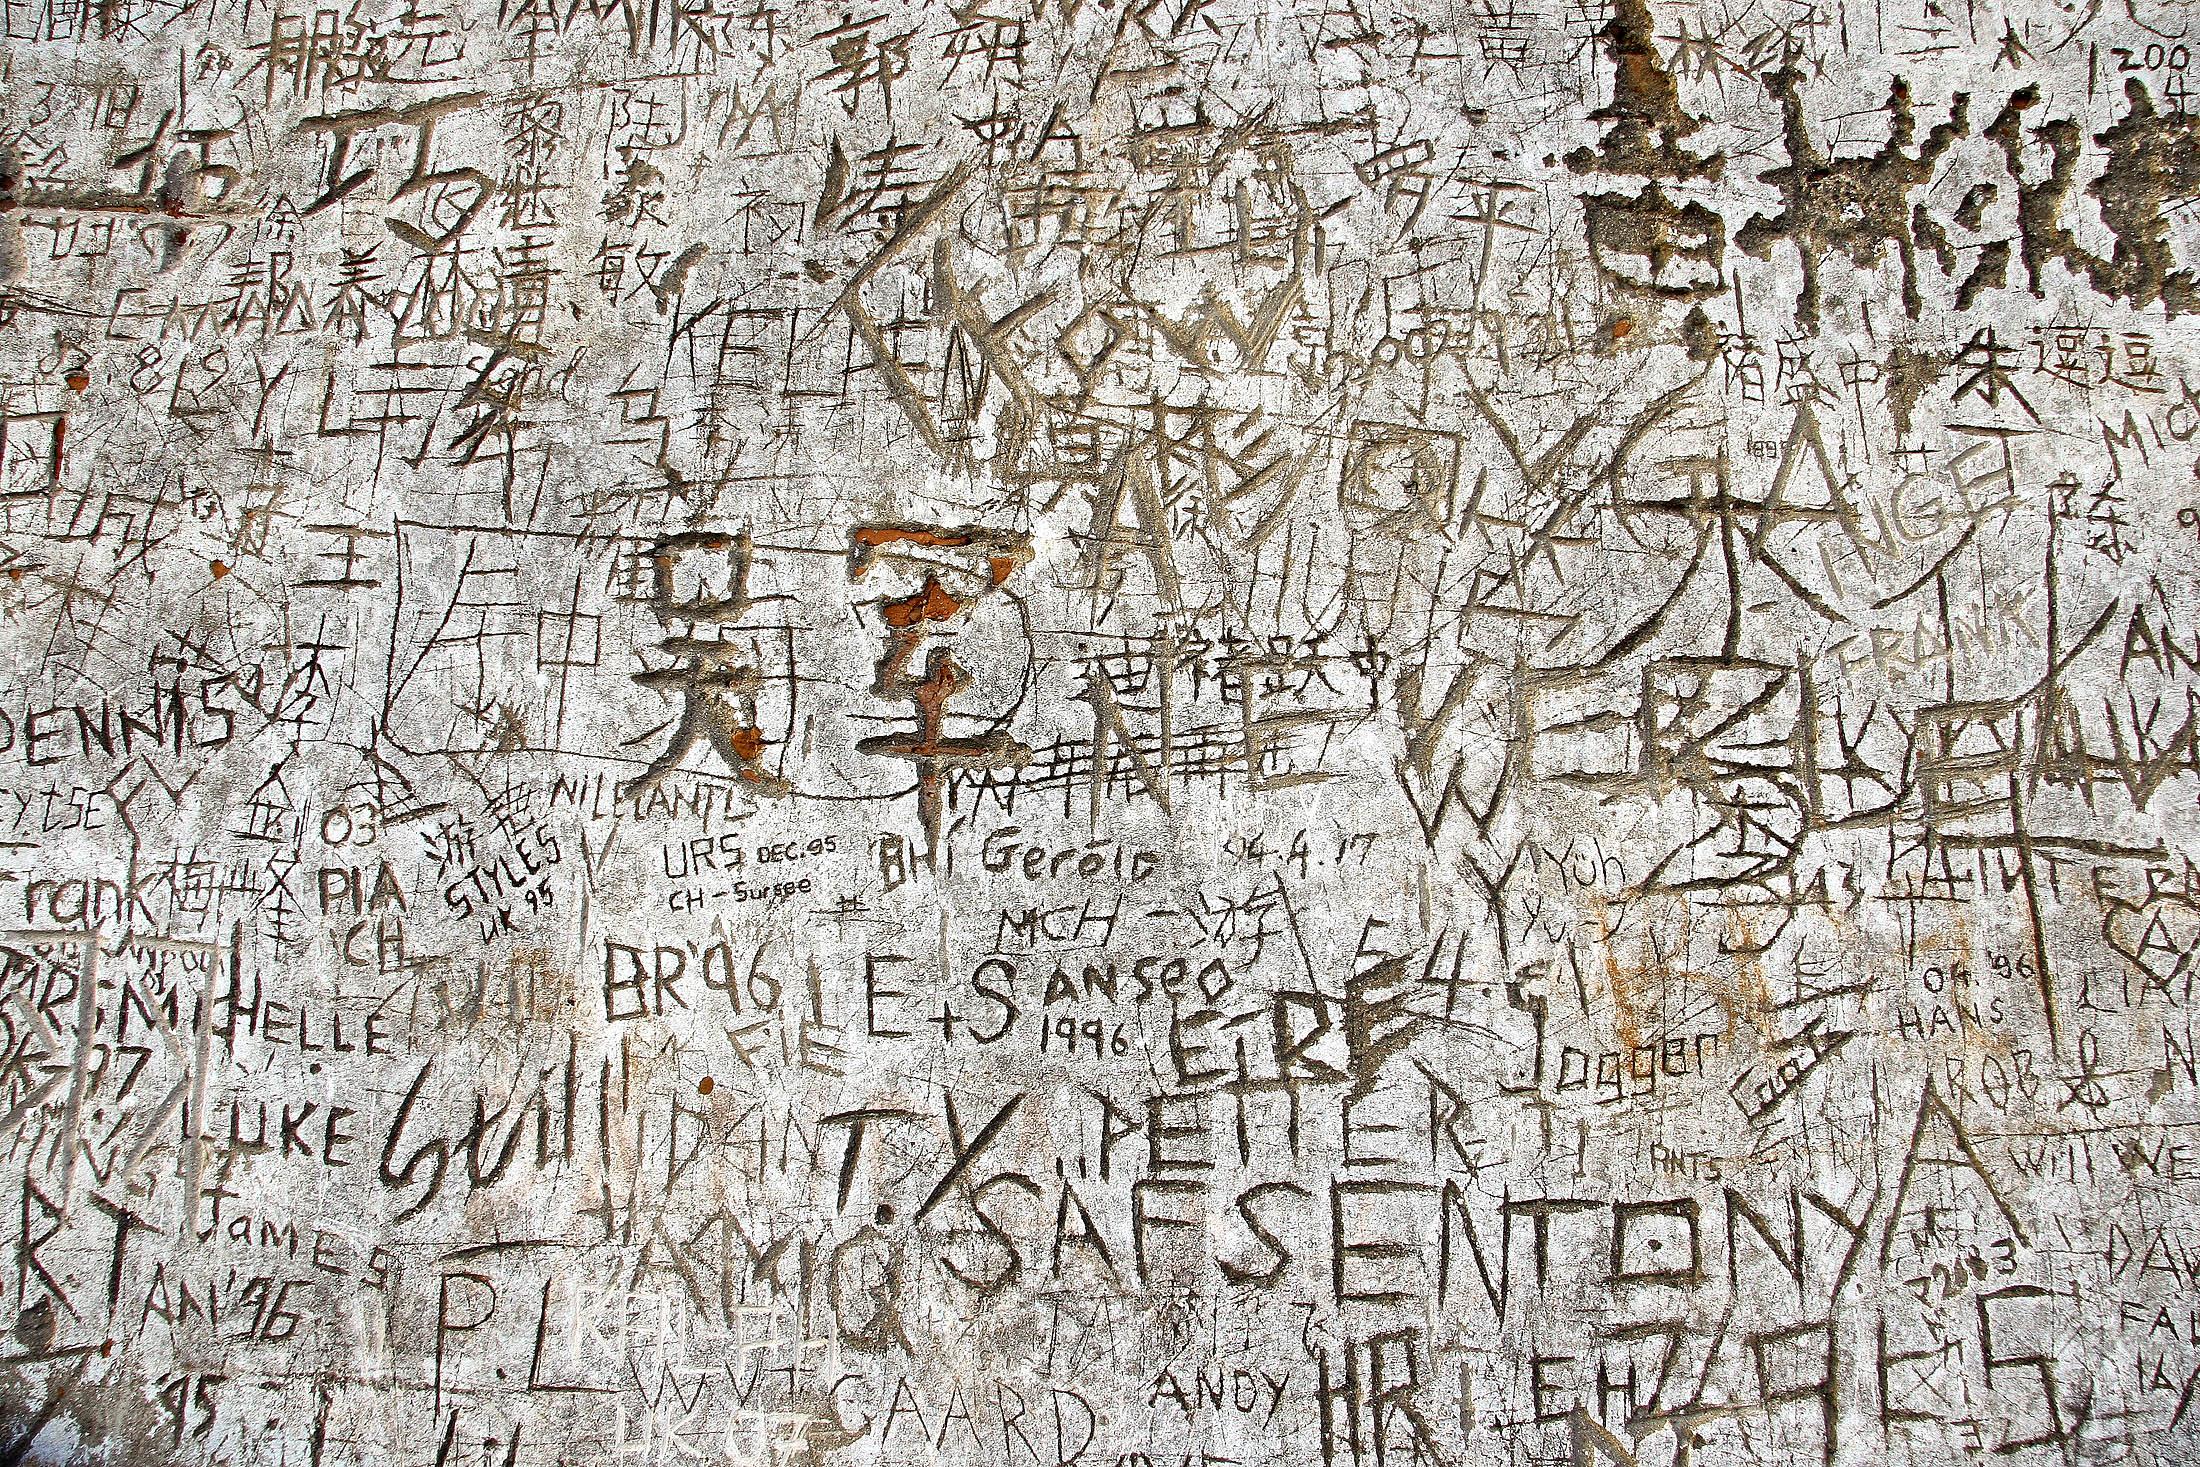 Wall in Yuang Shou, China